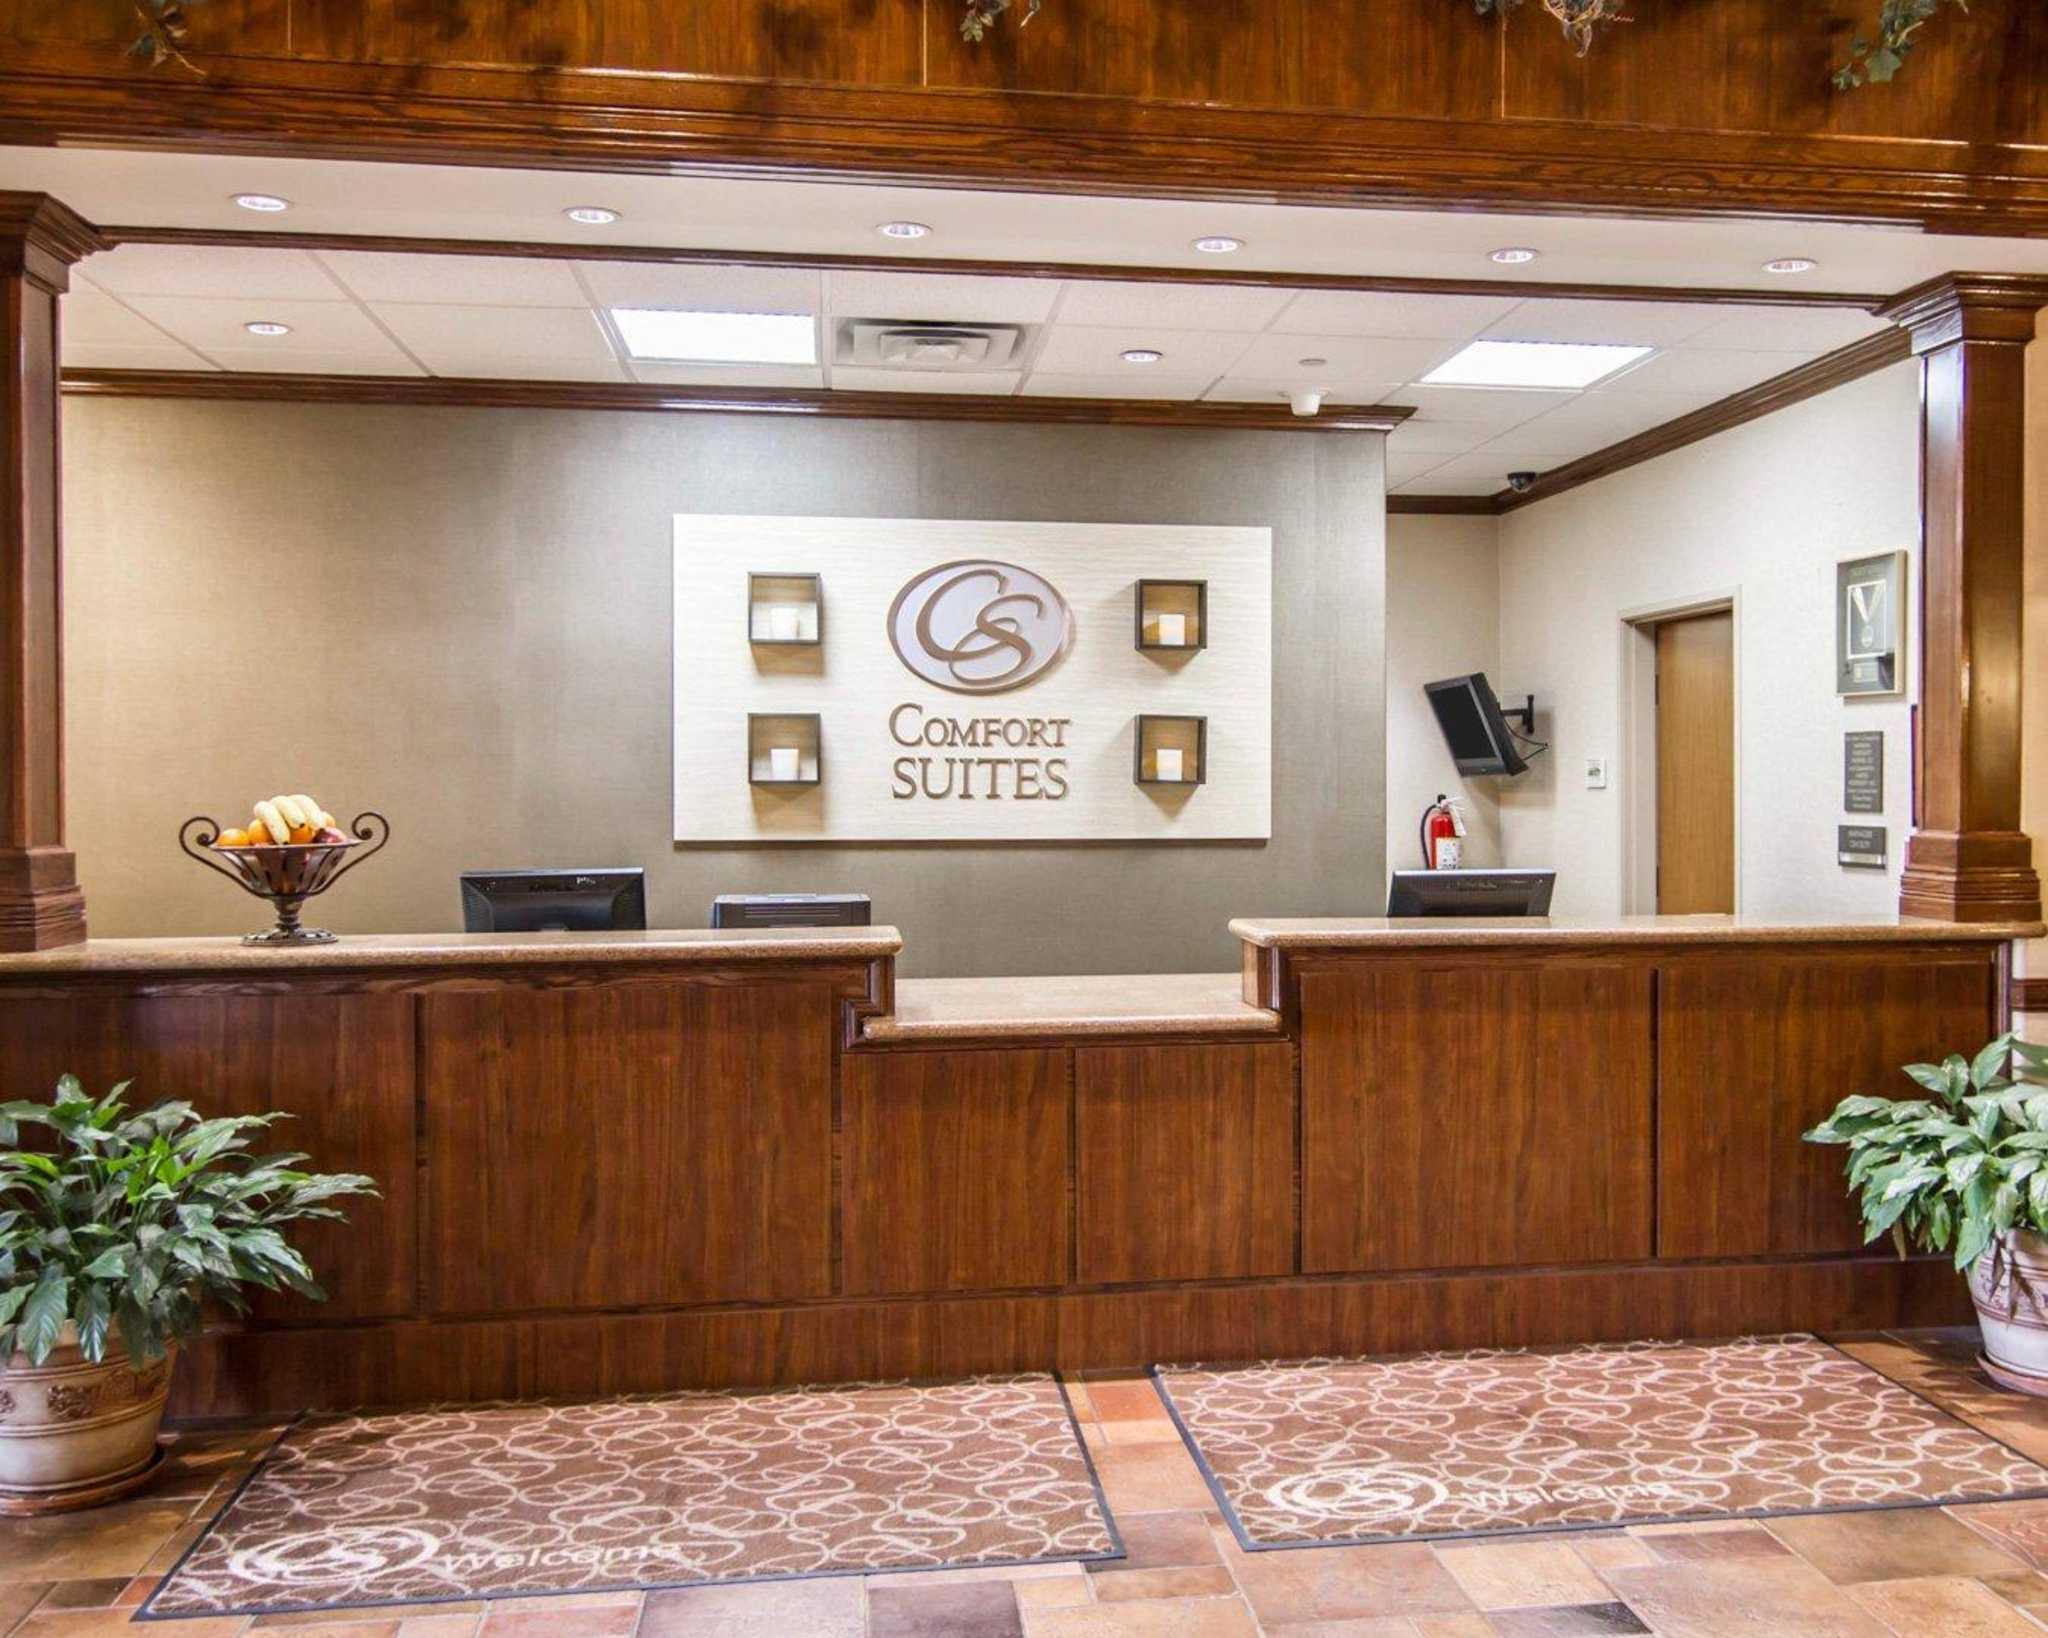 Comfort Suites Marshall image 3